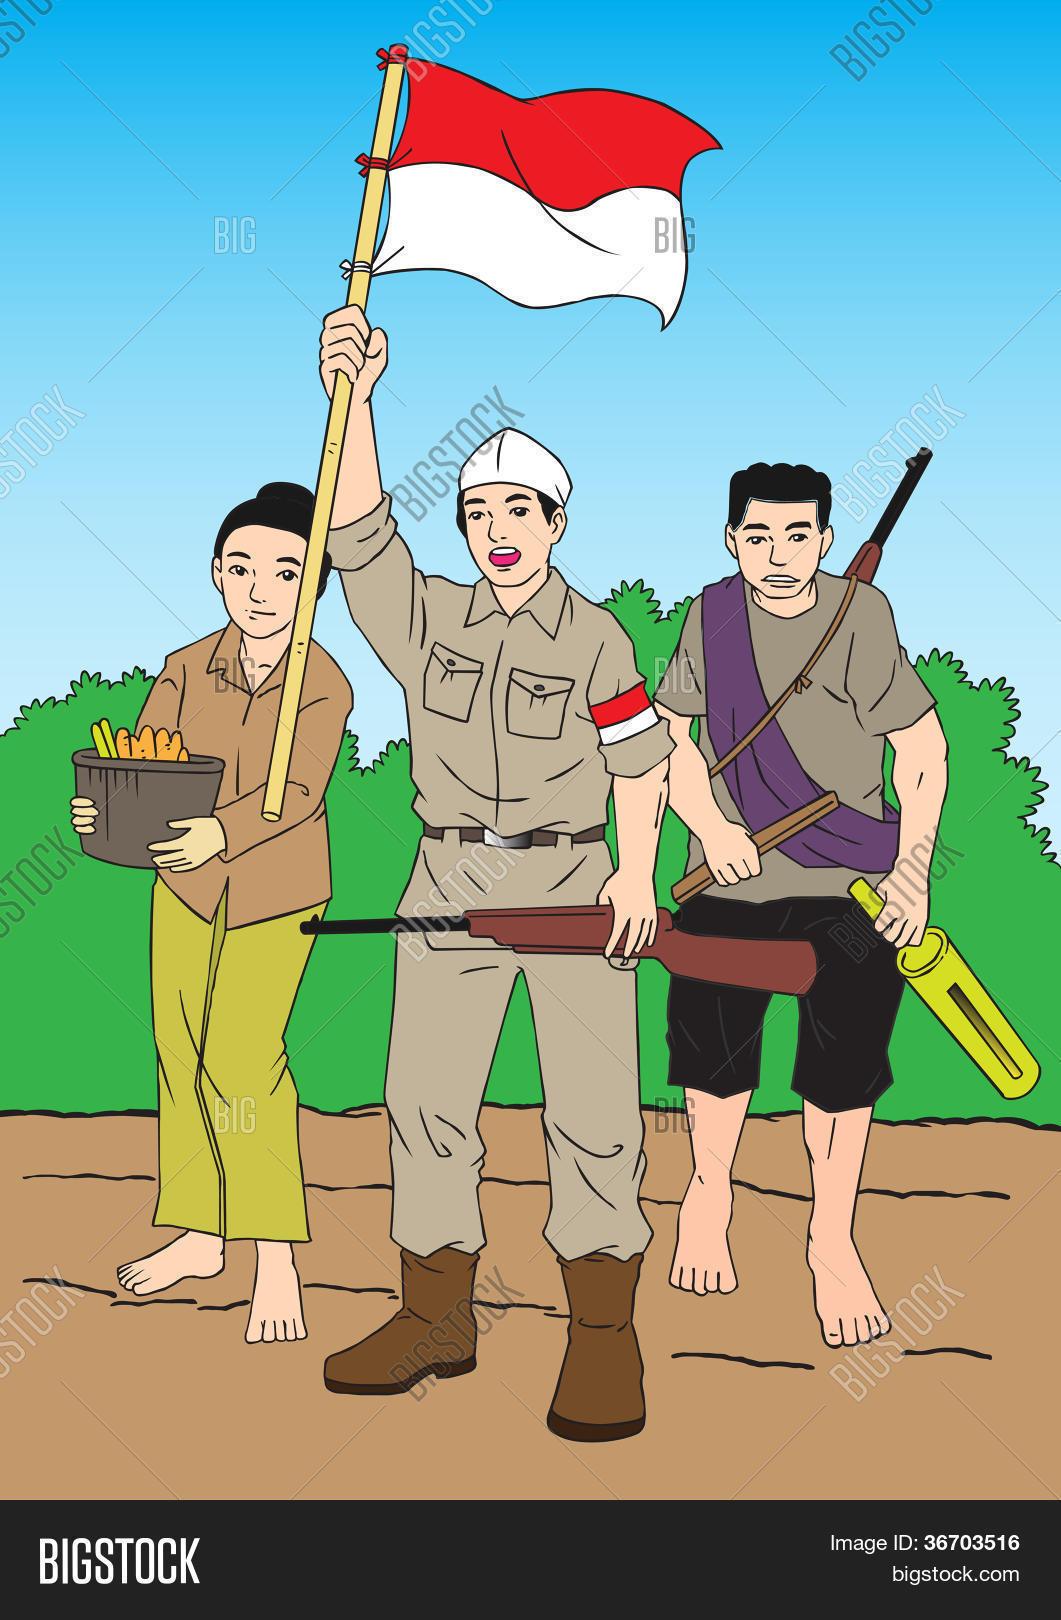 Pejuang Indonesia Vector : pejuang, indonesia, vector, Pejuang, Vector, Photo, (Free, Trial), Bigstock